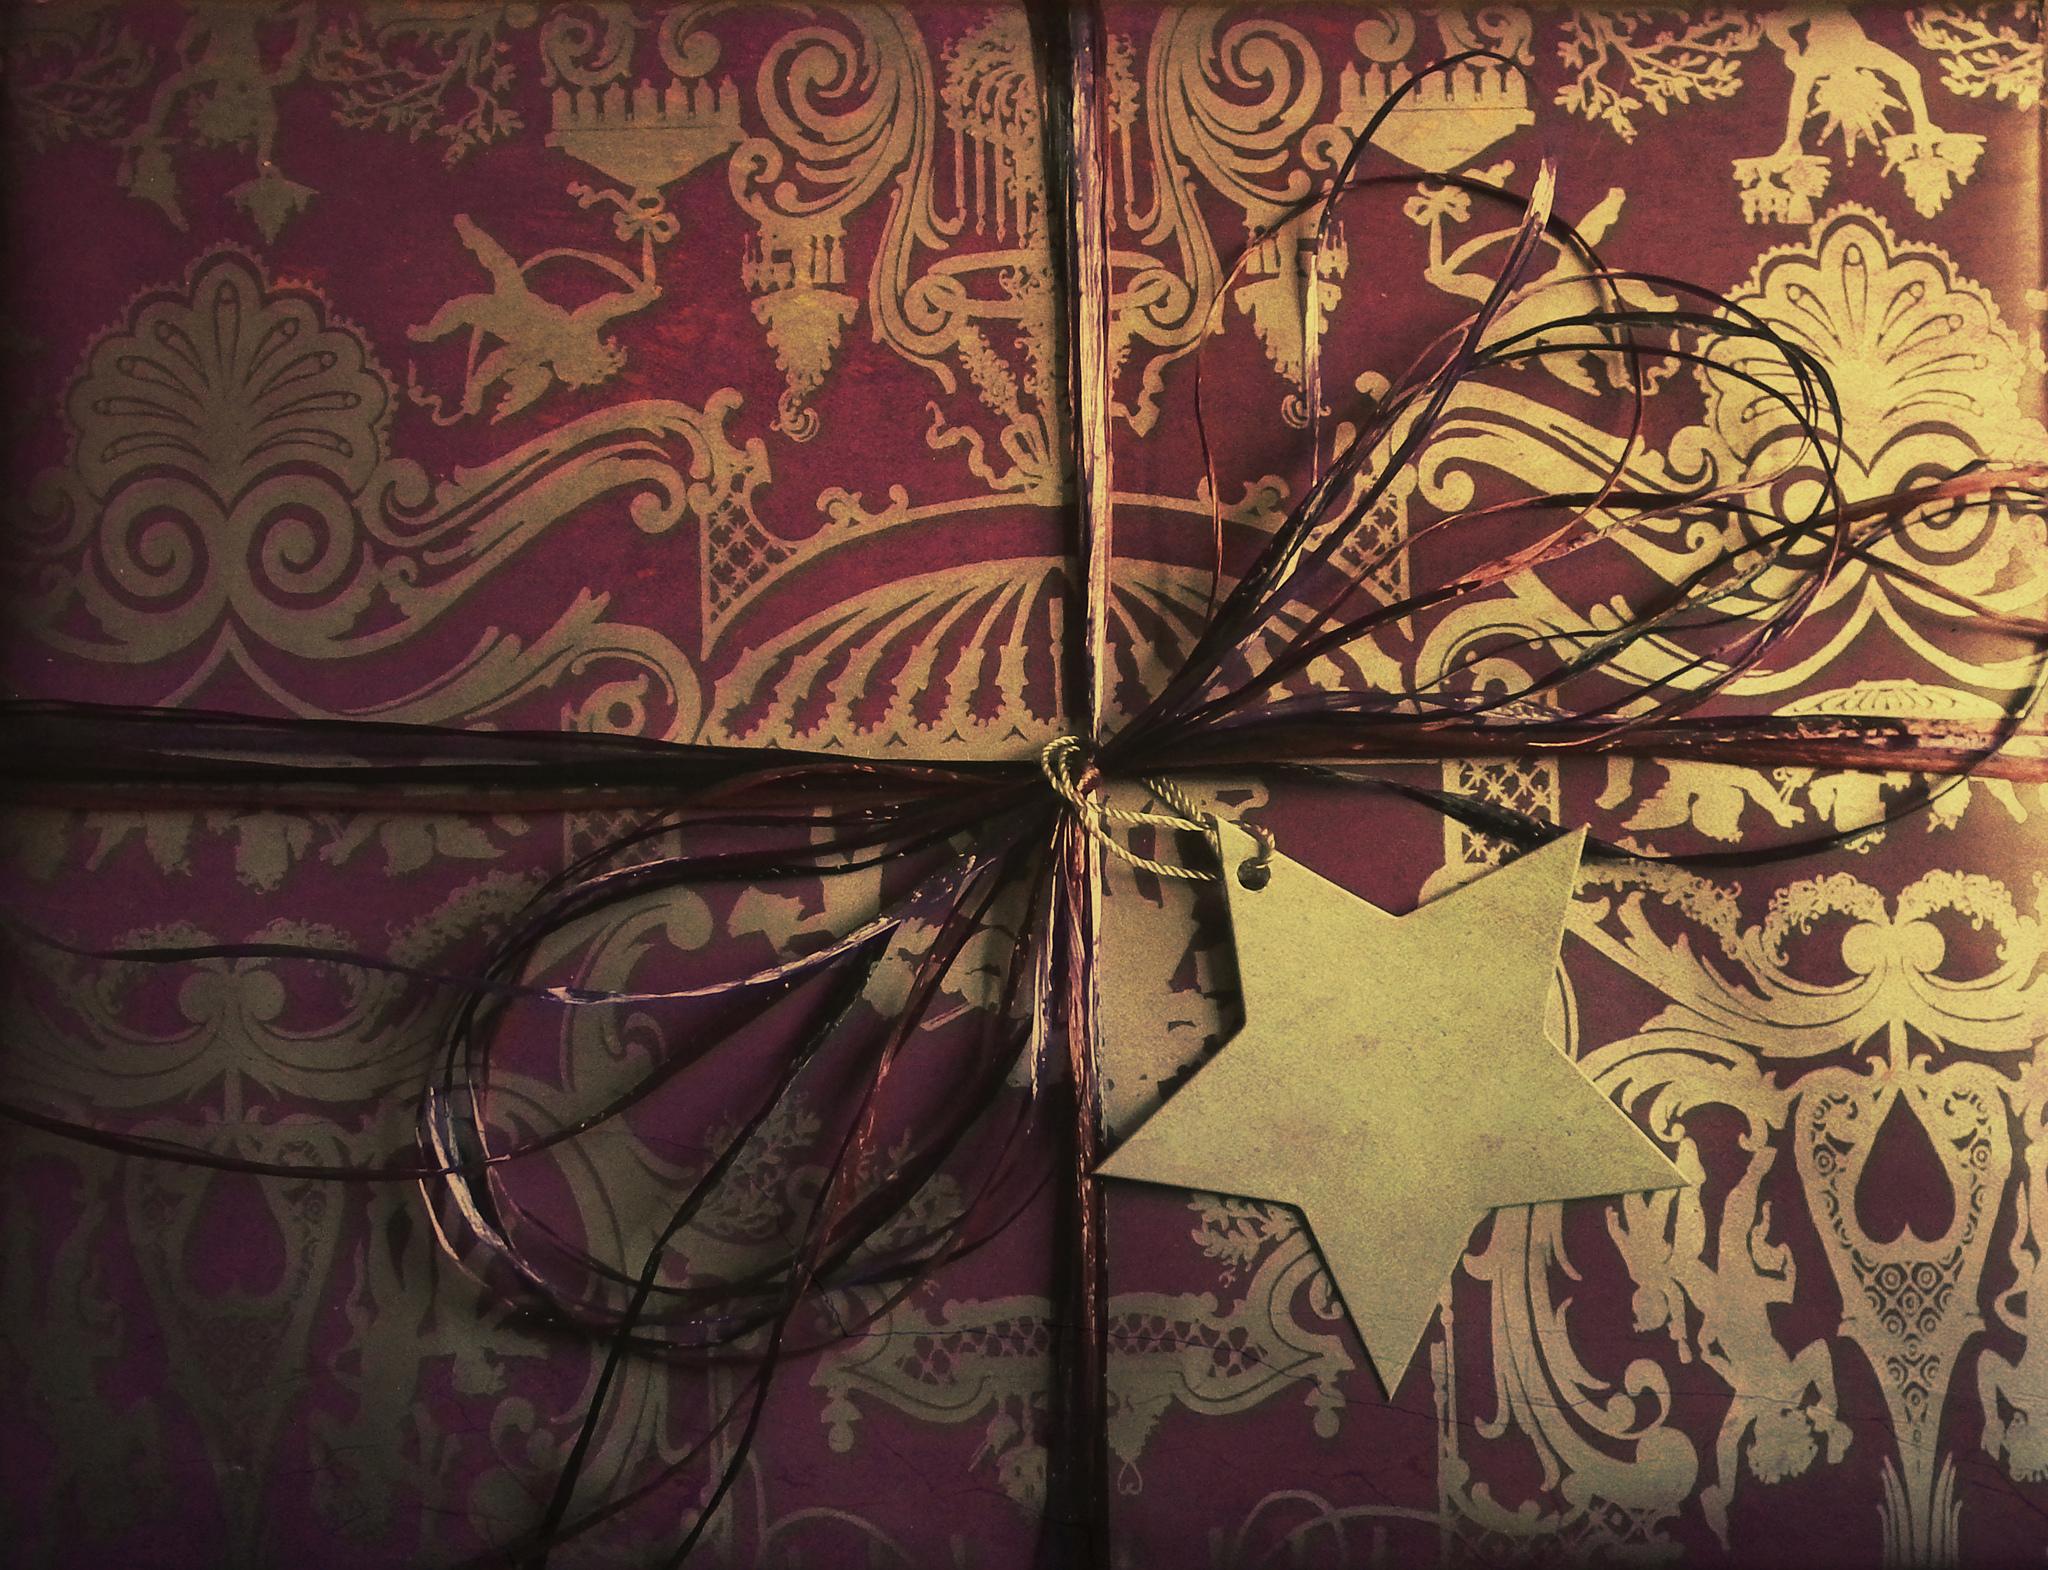 Święta powoli mijają… A co z niechcianymi prezentami?